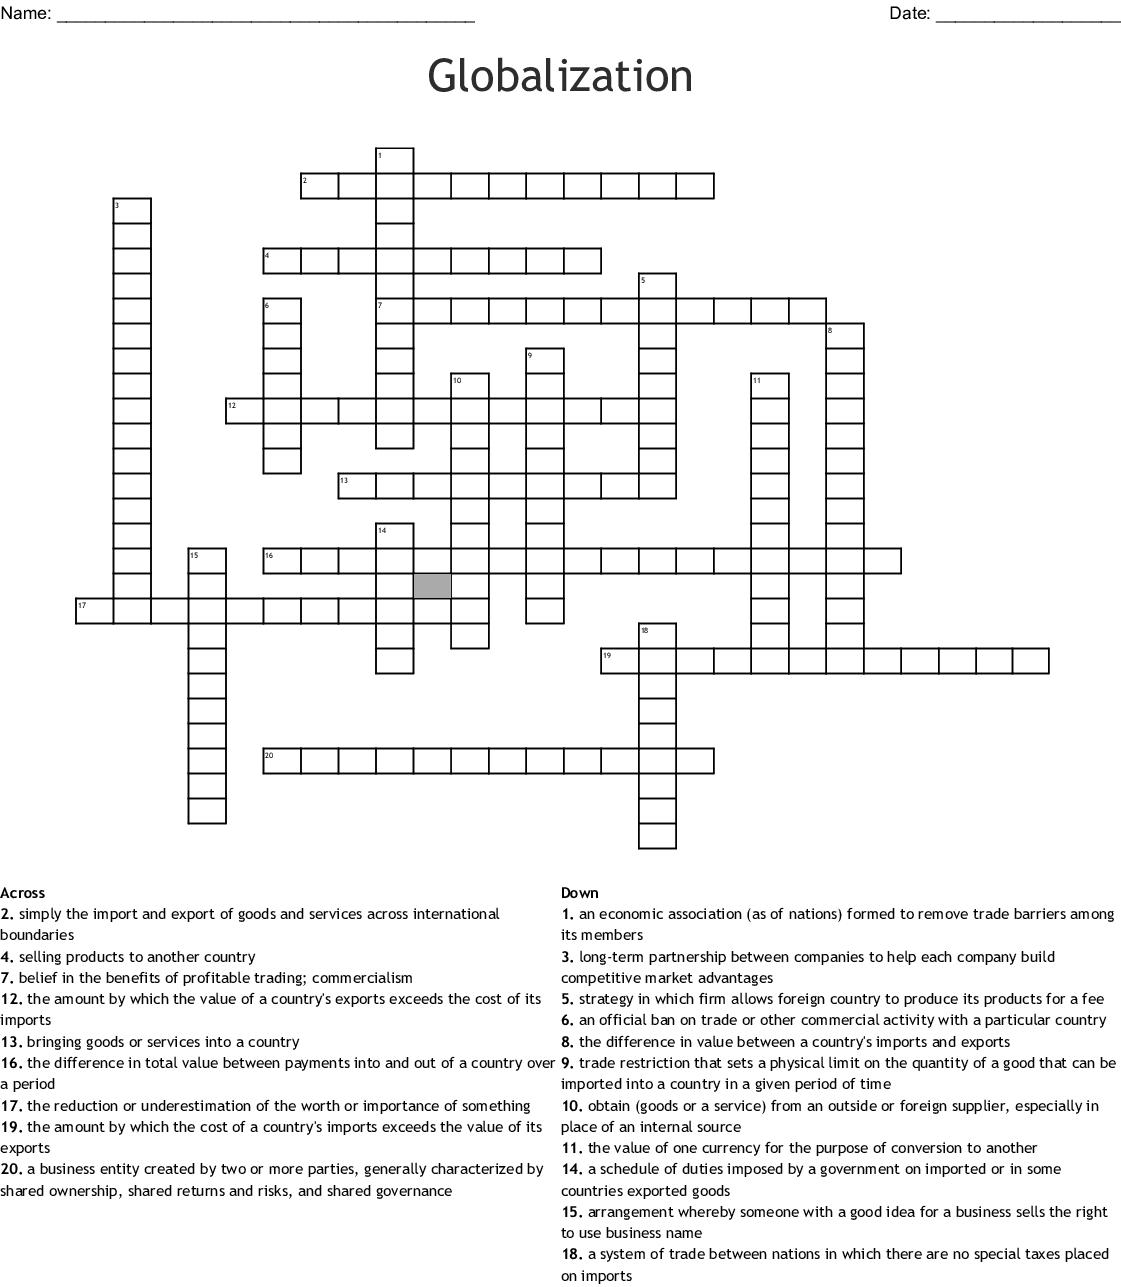 Globalization Crossword